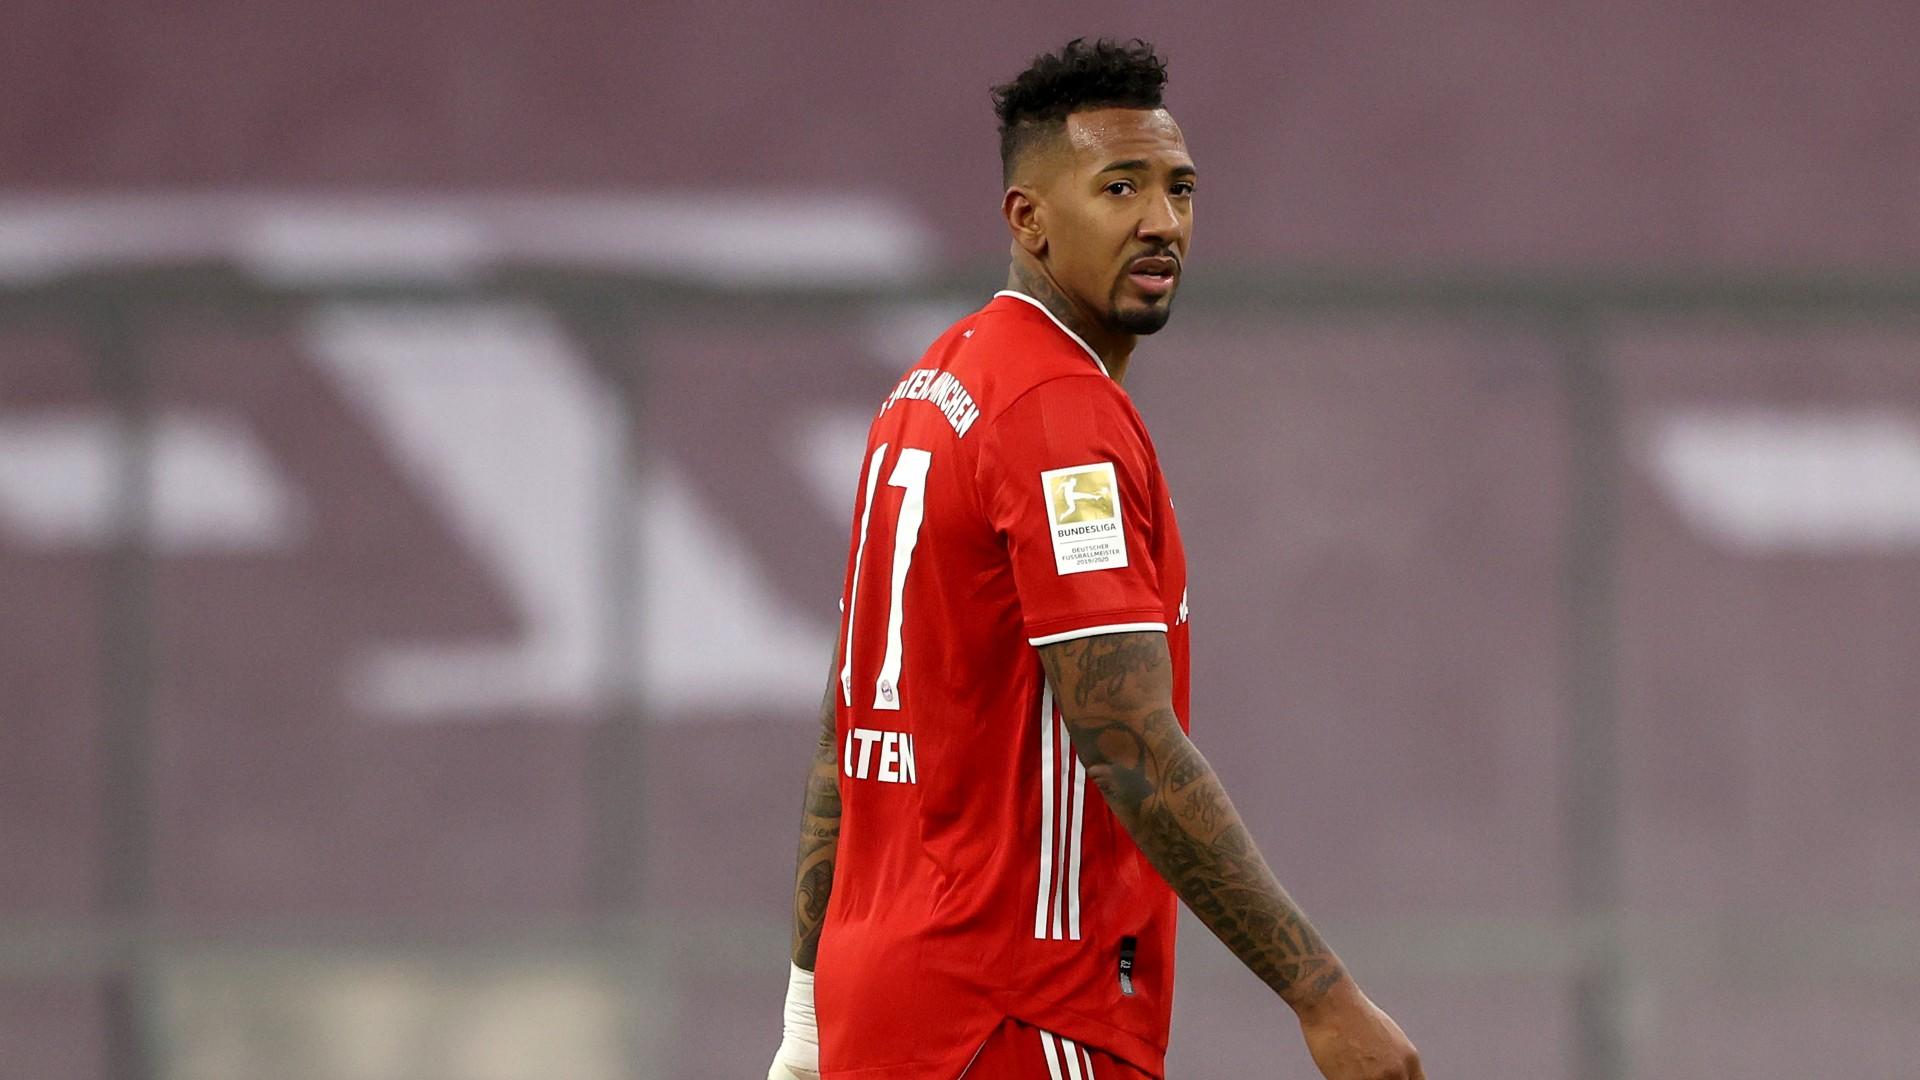 Jerome Boateng lascerà il Bayern in estate: lo conferma Salihamidzic